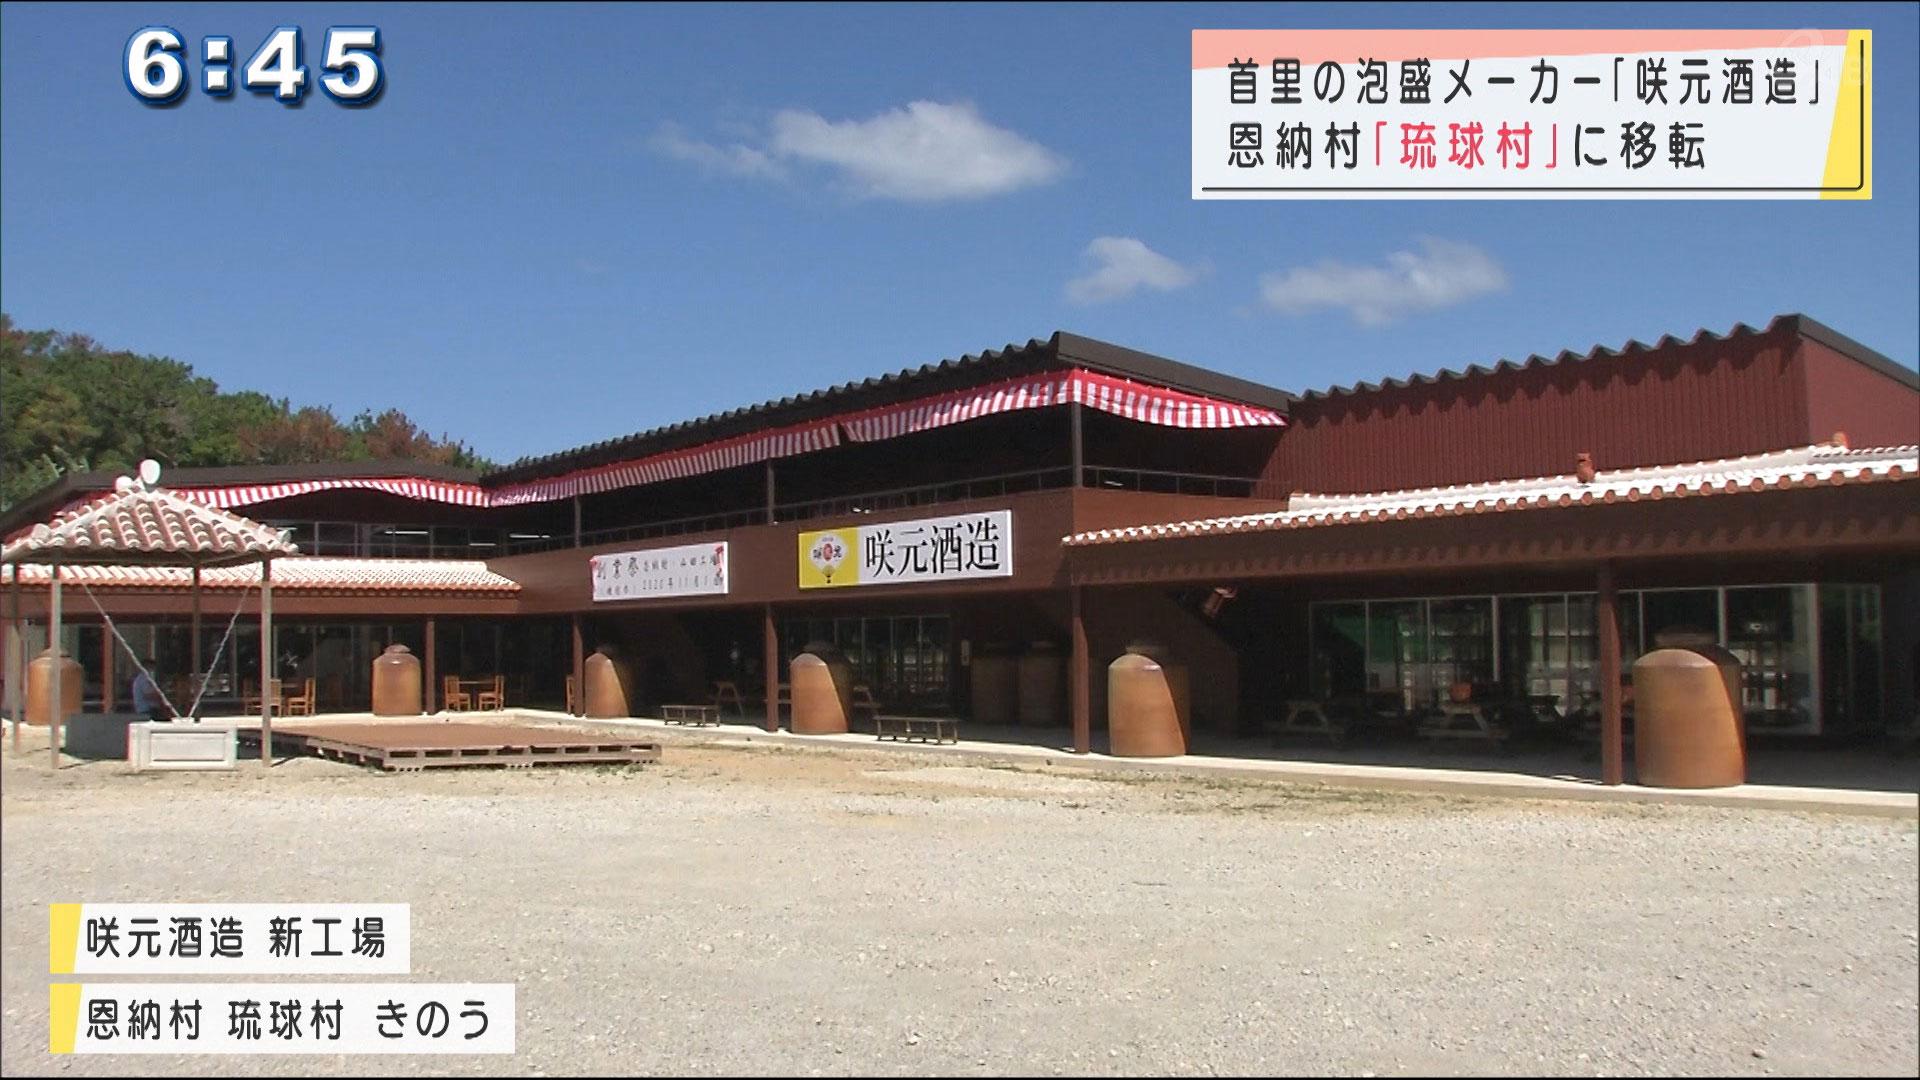 咲元酒造が琉球村内に工場移転